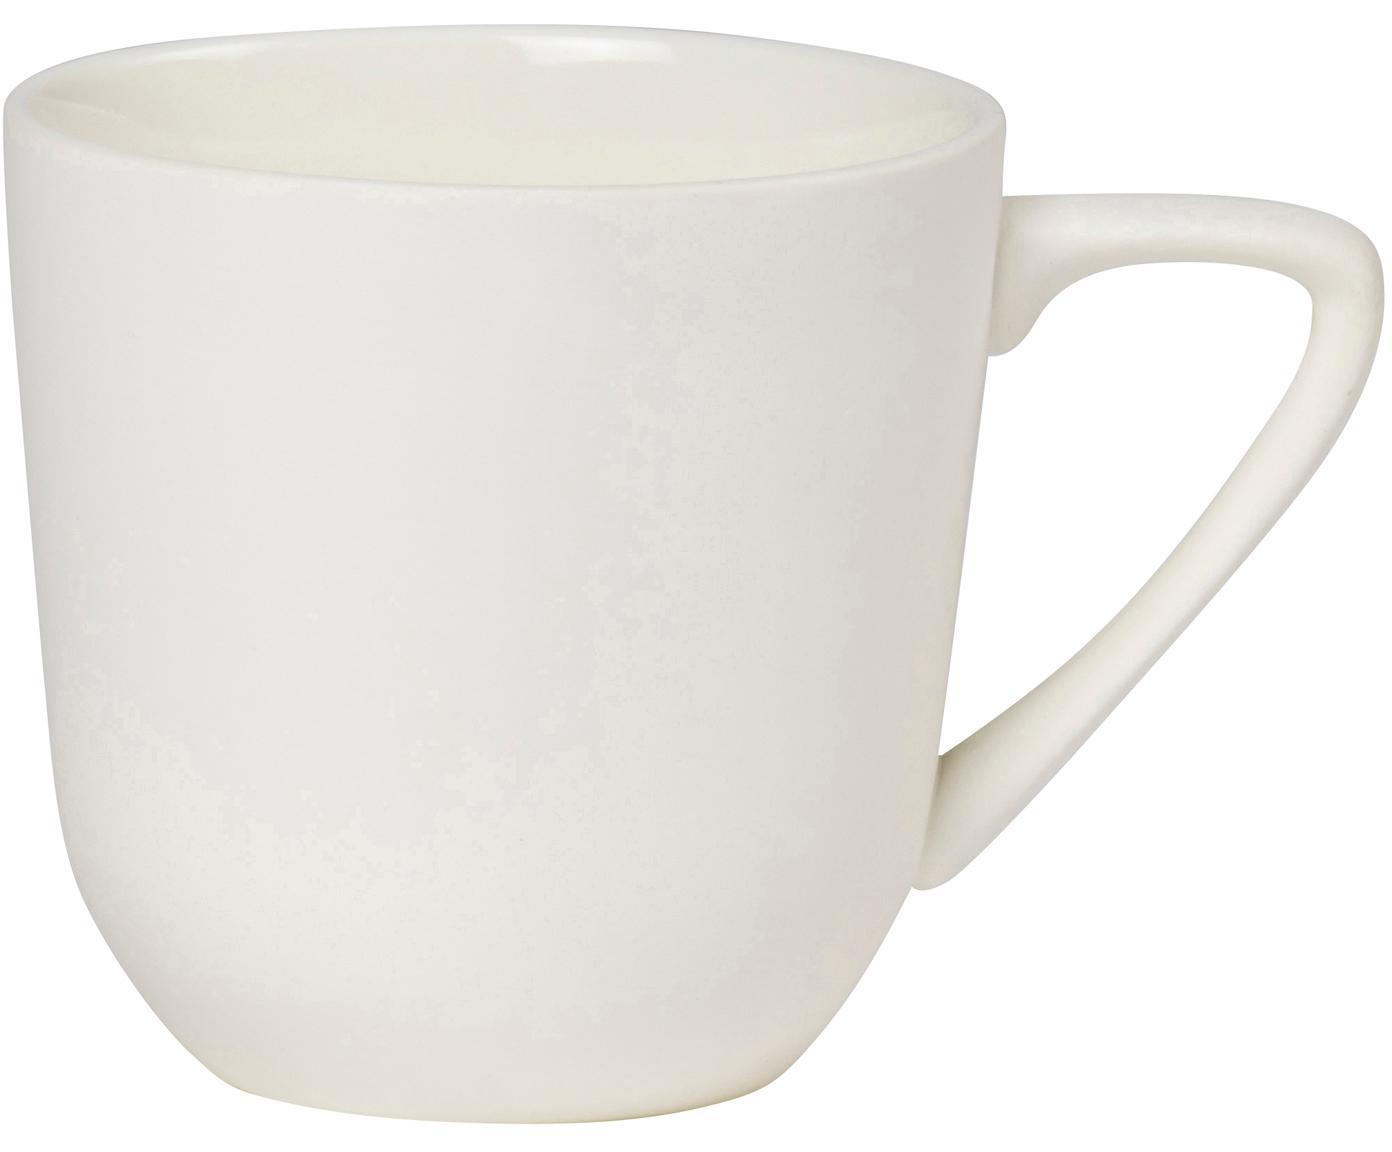 Tazza bianca opaca/lucida Nudge 4 pz, Porcellana, Crema, Ø 8 x Alt. 8 cm